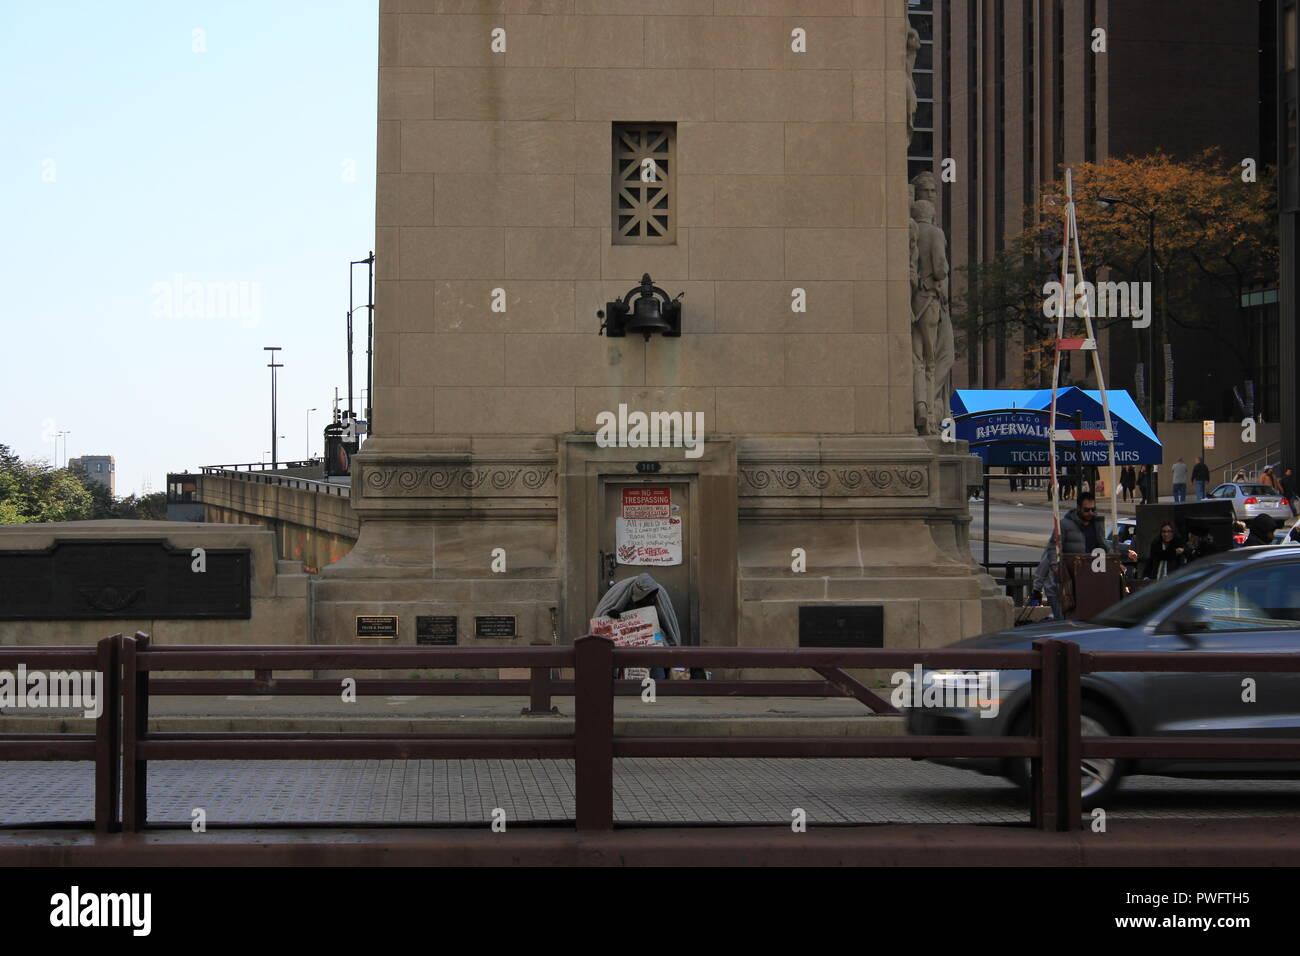 Obdachlosen sitzen auf der Michigan Avenue Bridge auf einem kalten Herbst Tag warten auf ein Arbeitsblatt. Stockbild